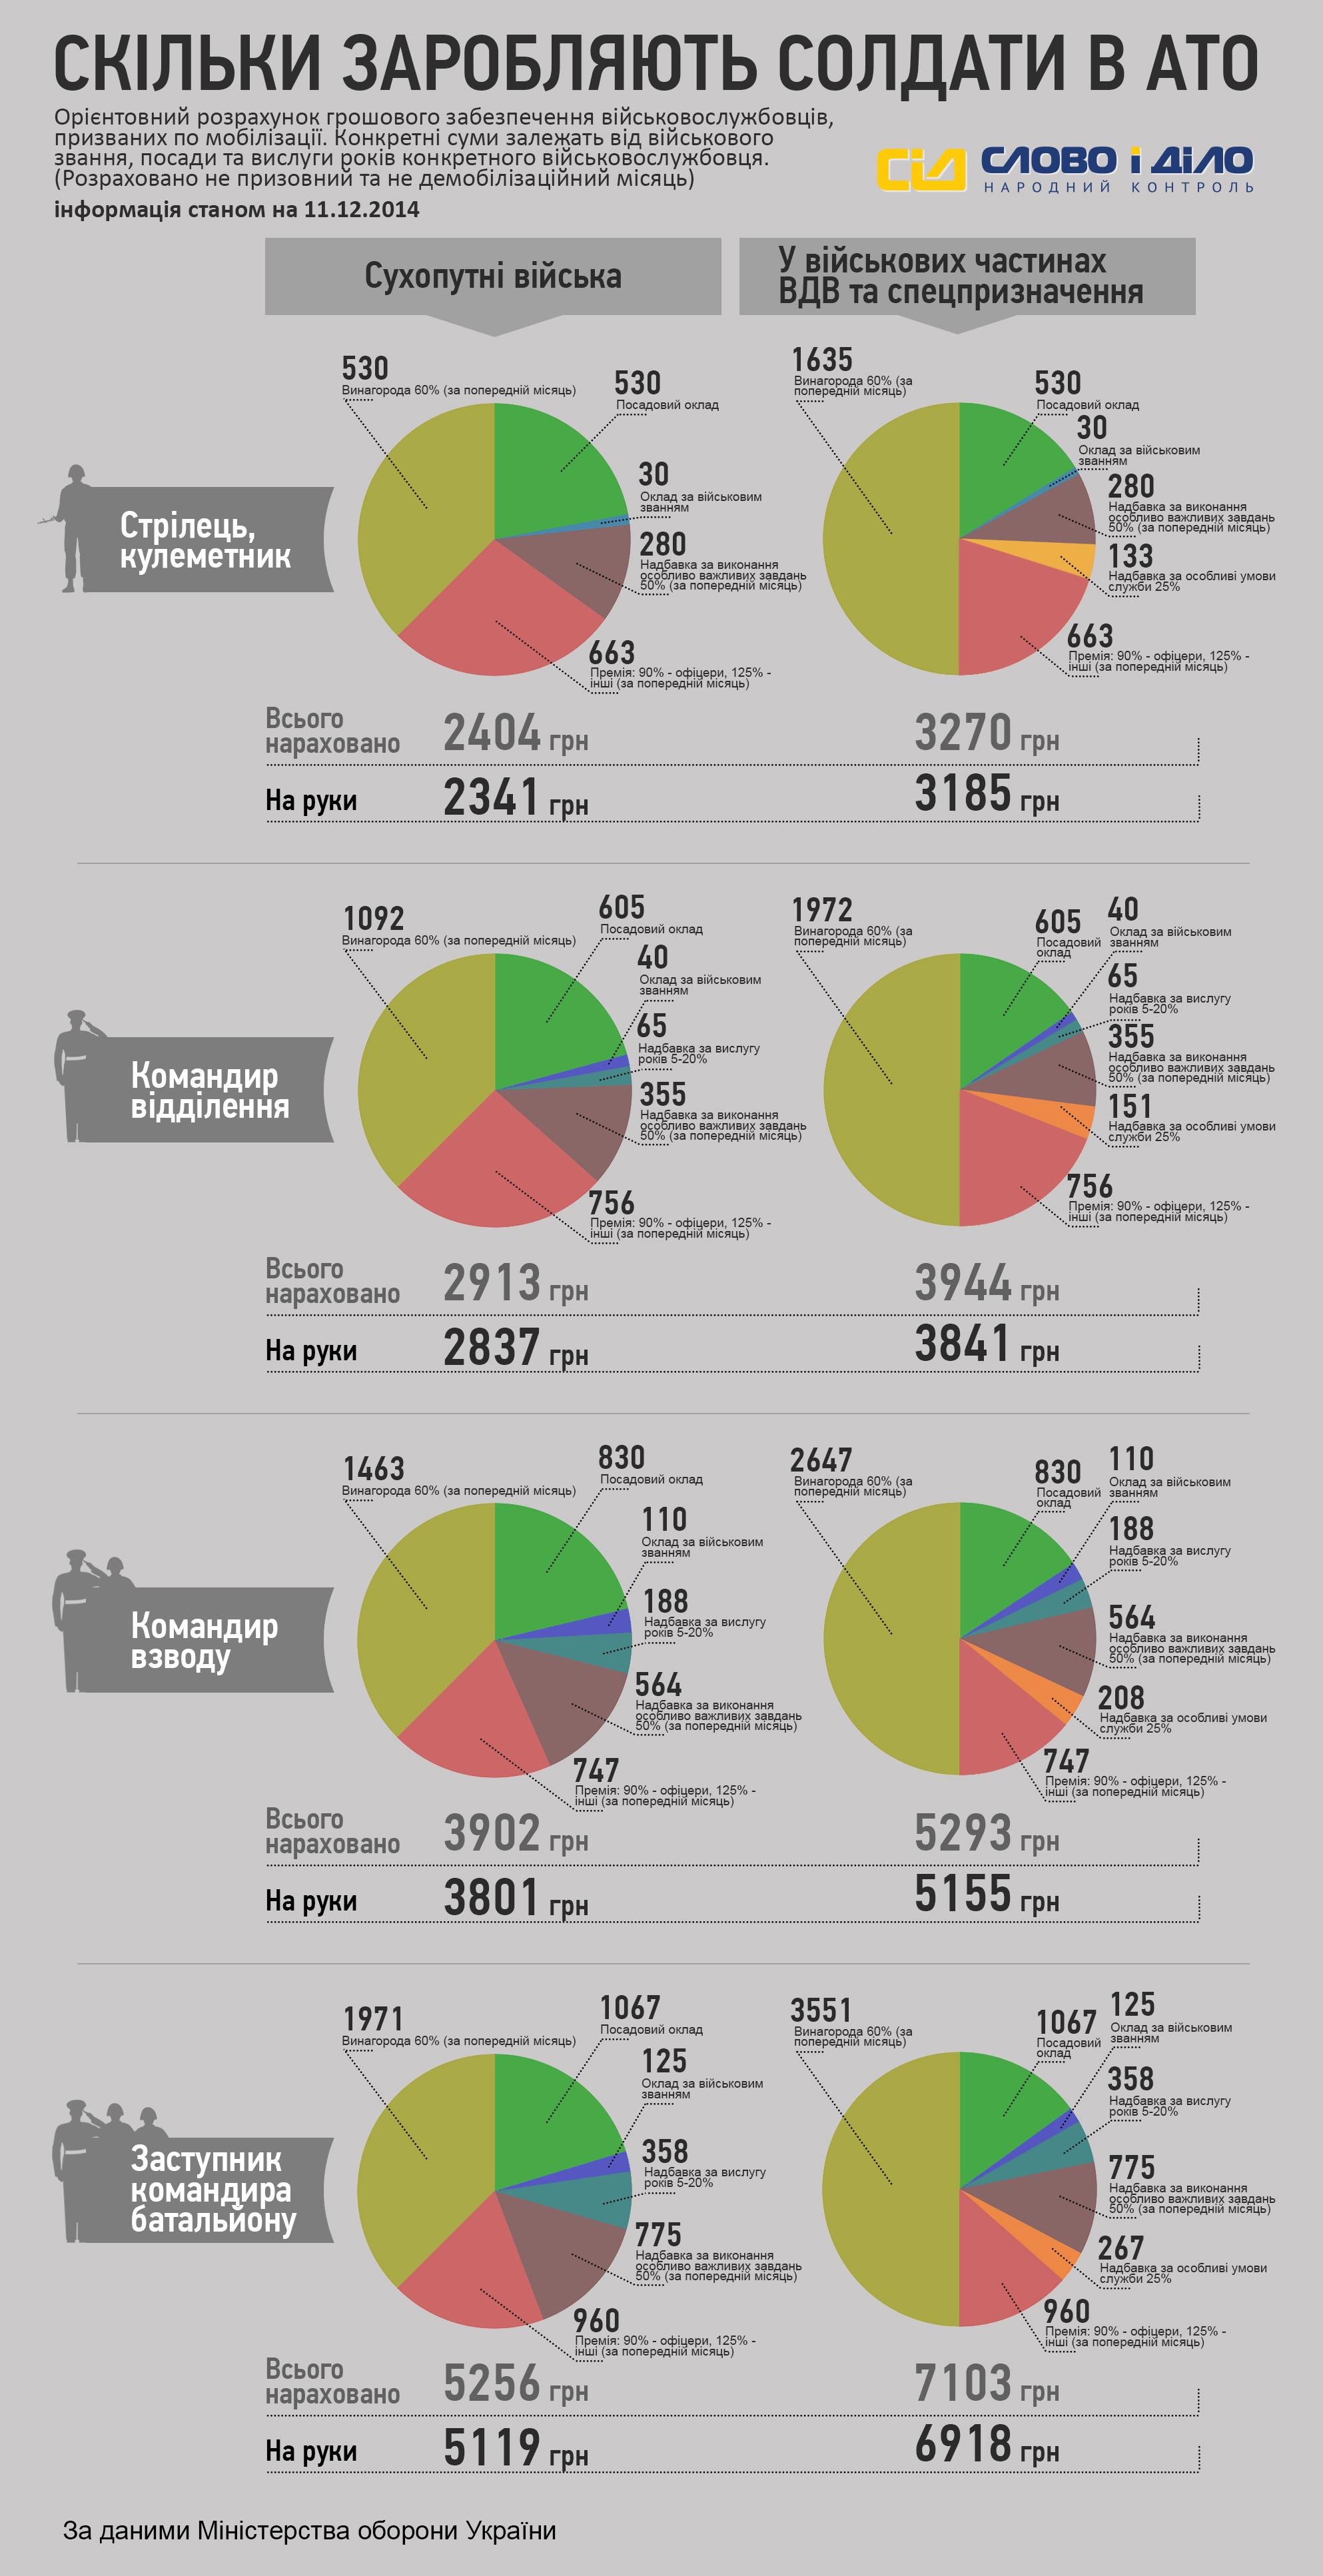 Сколько зарабатывают солдаты в АТО